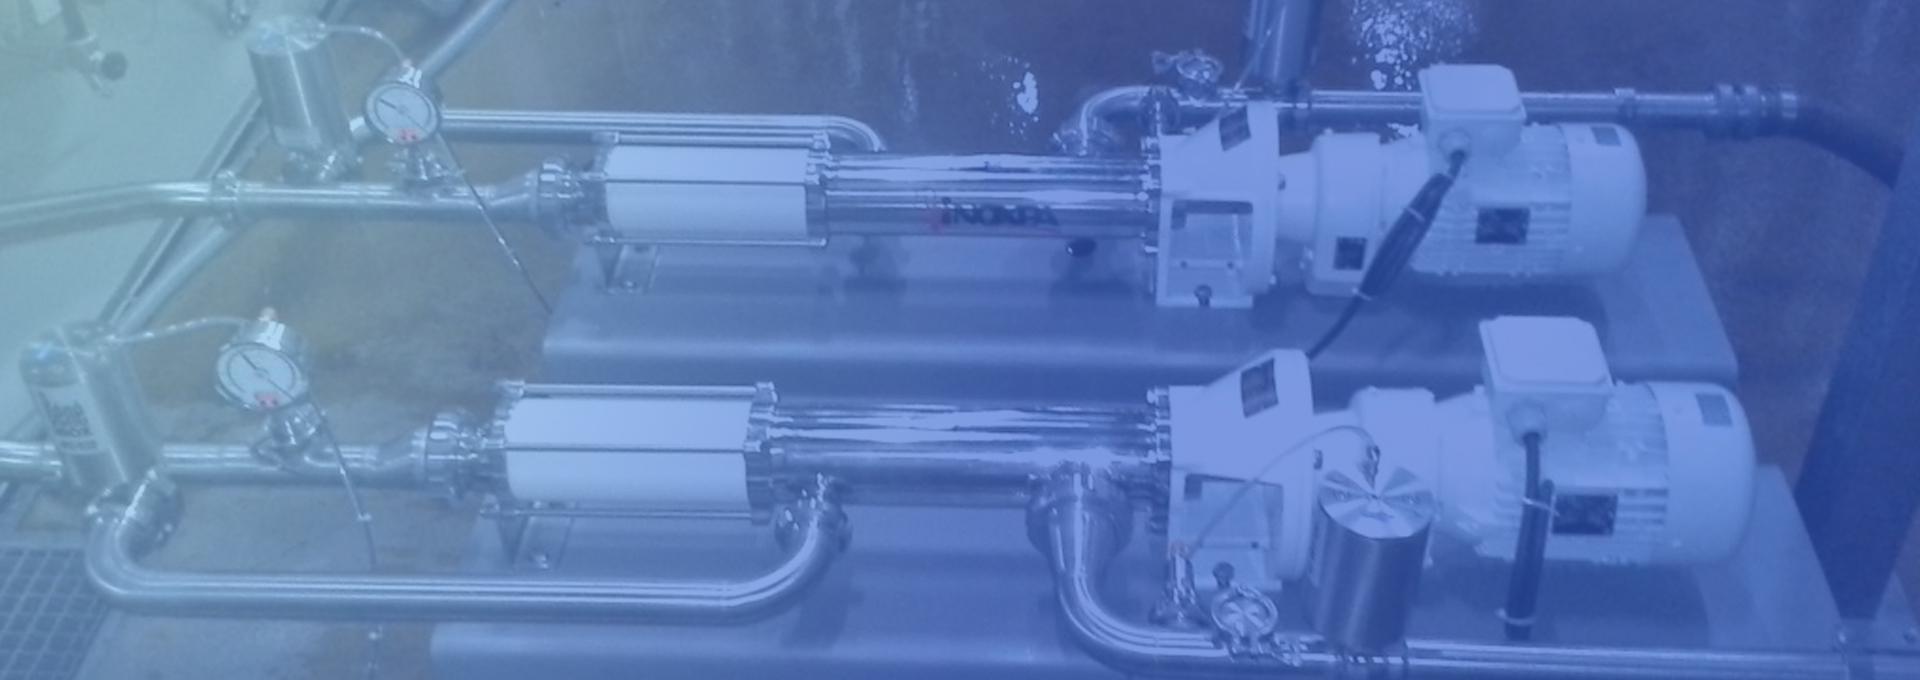 slide 03